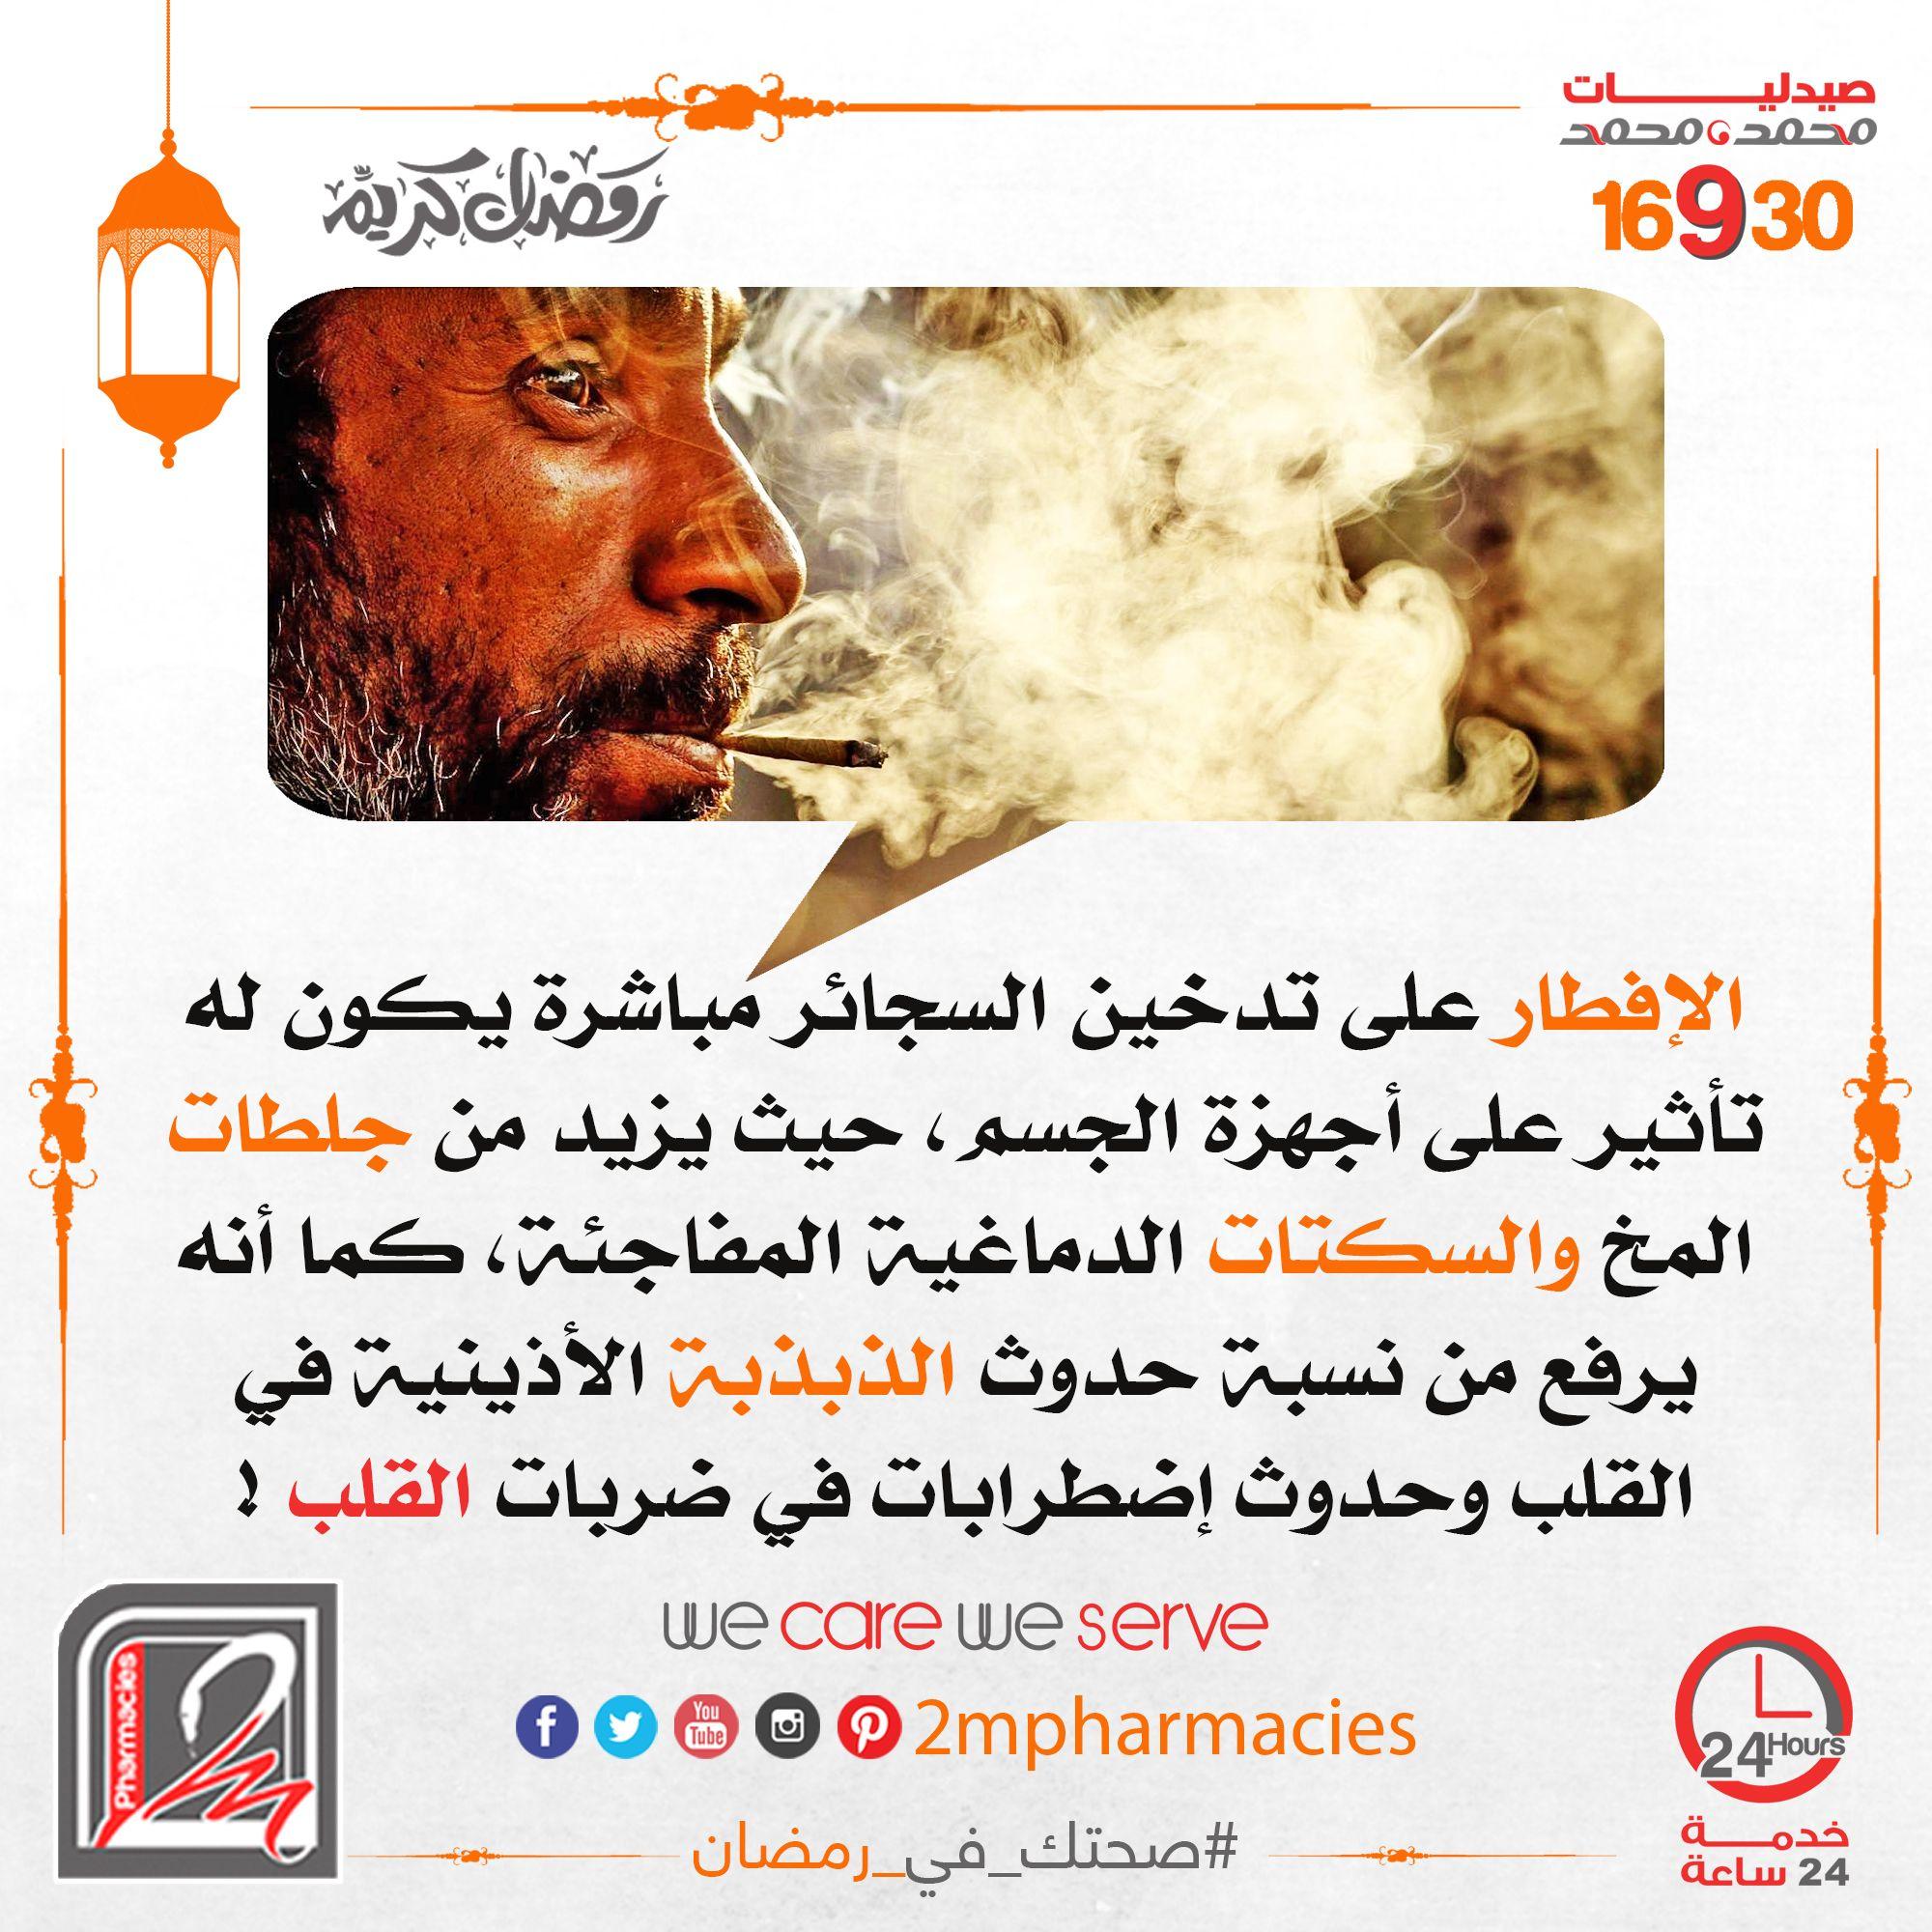 الإفطار على تدخين السجائر مباشرة يكون له تأثير على أجهزة الجسم حيث يزيد من جلطات المخ والسكتات الدماغية المفاجئة كما أنه يرفع من Movie Posters Care Security